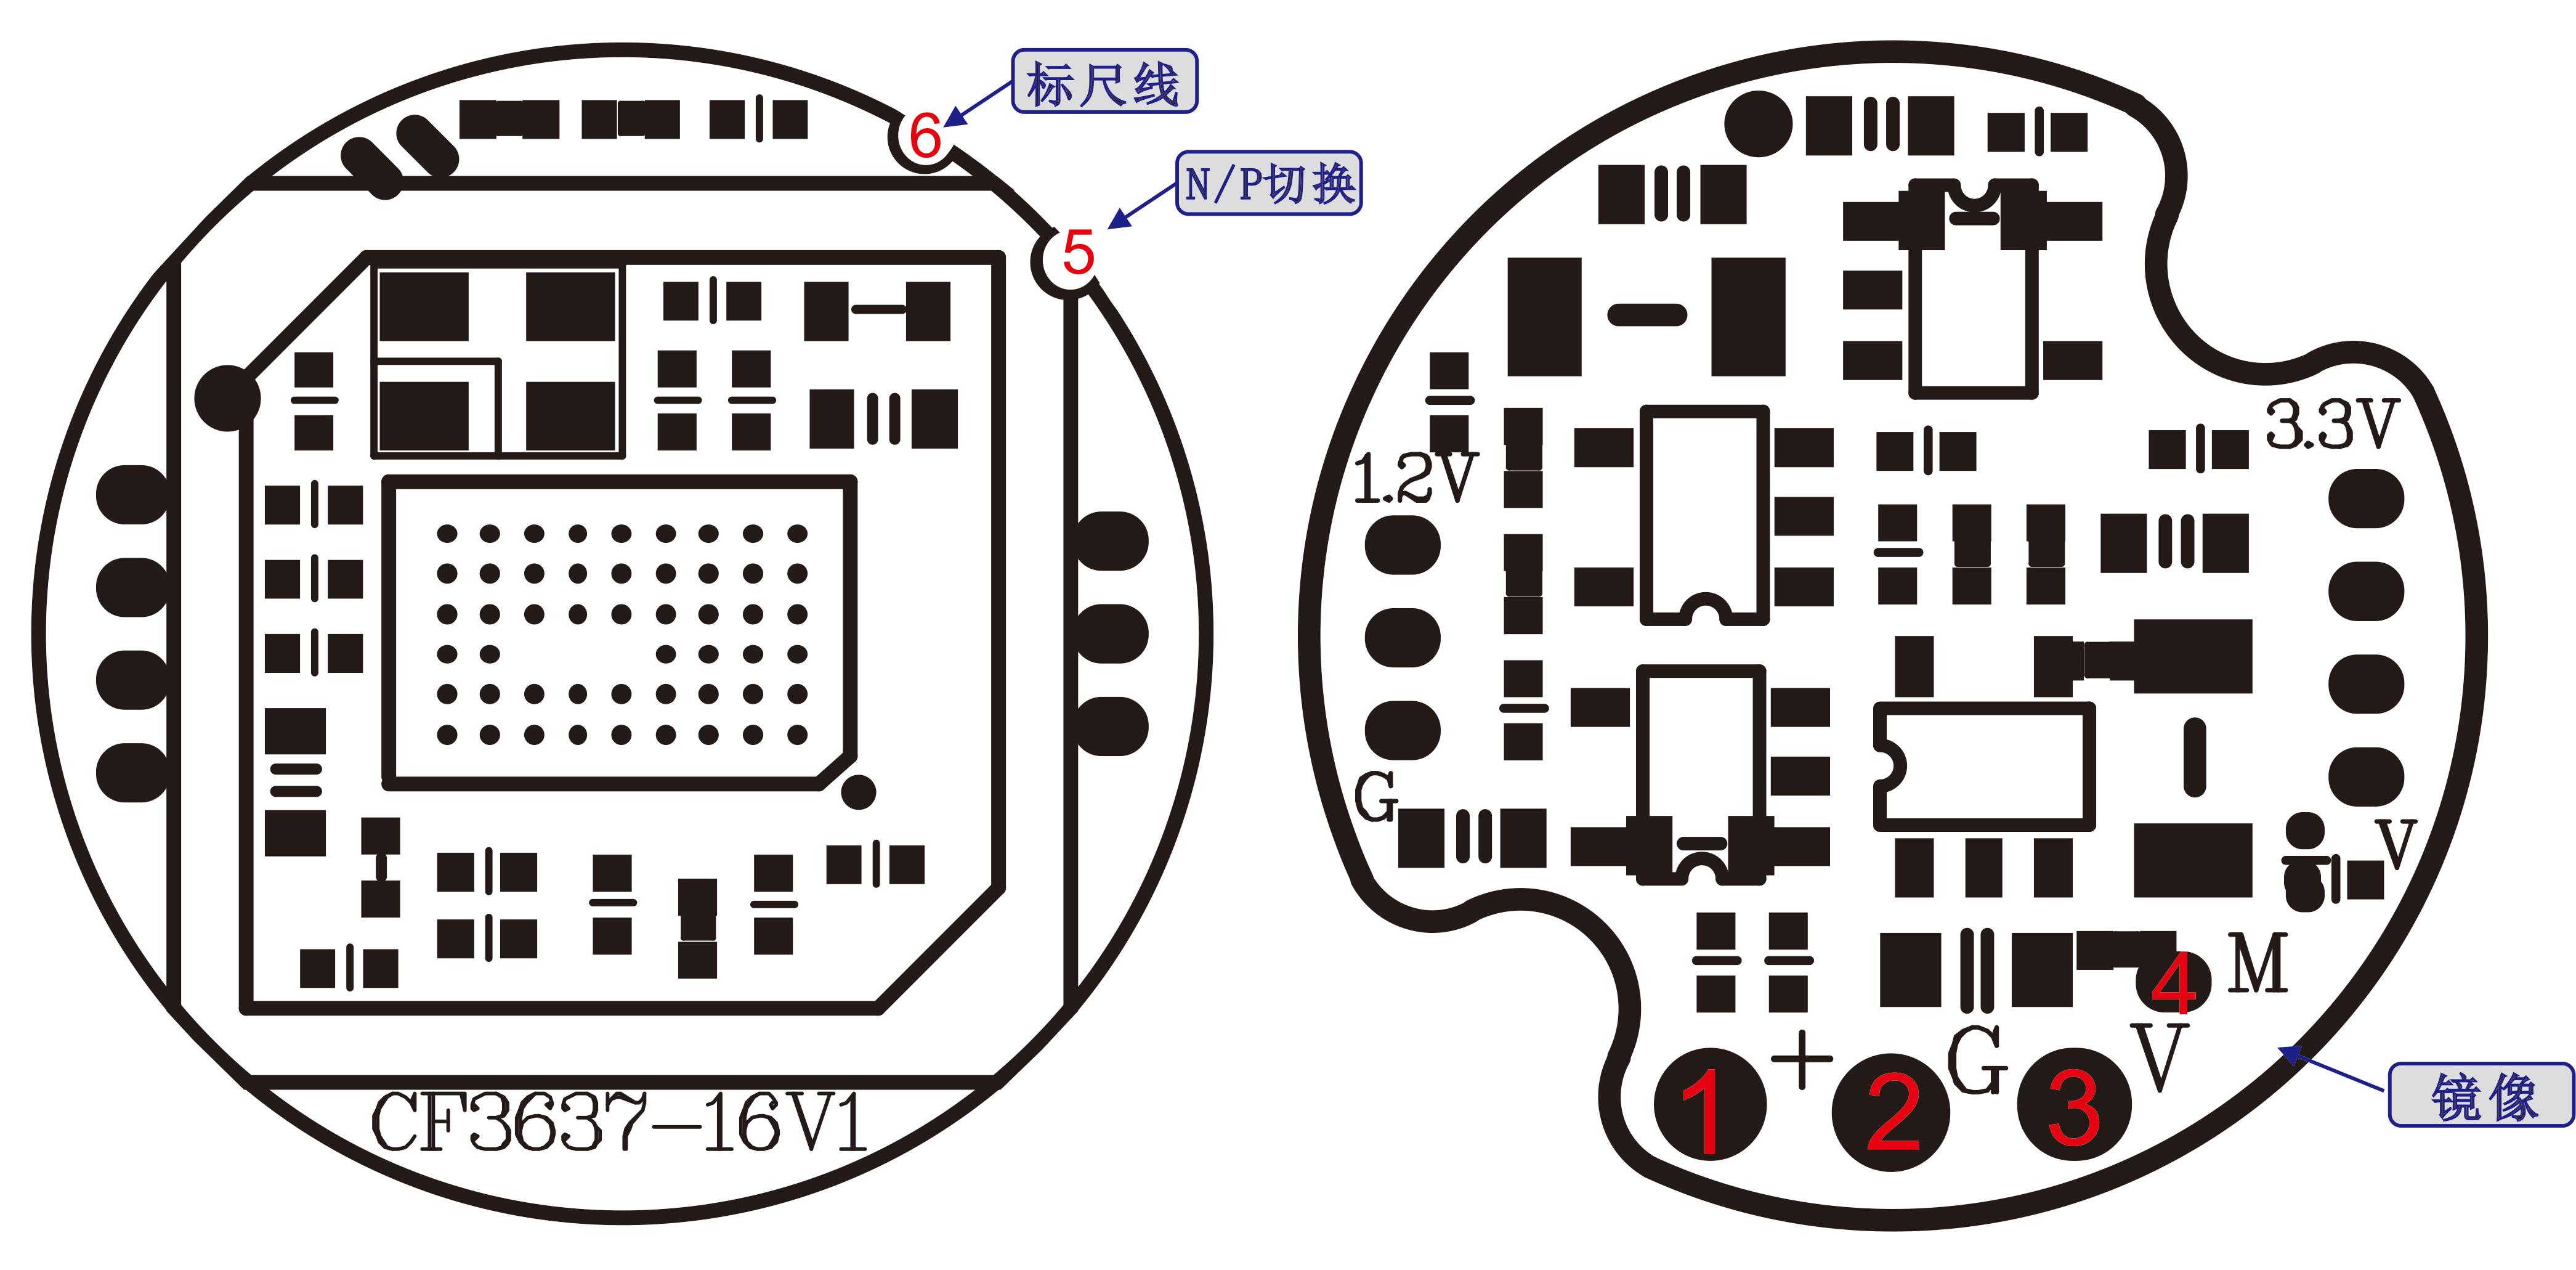 CF3637-16V1接口说明3